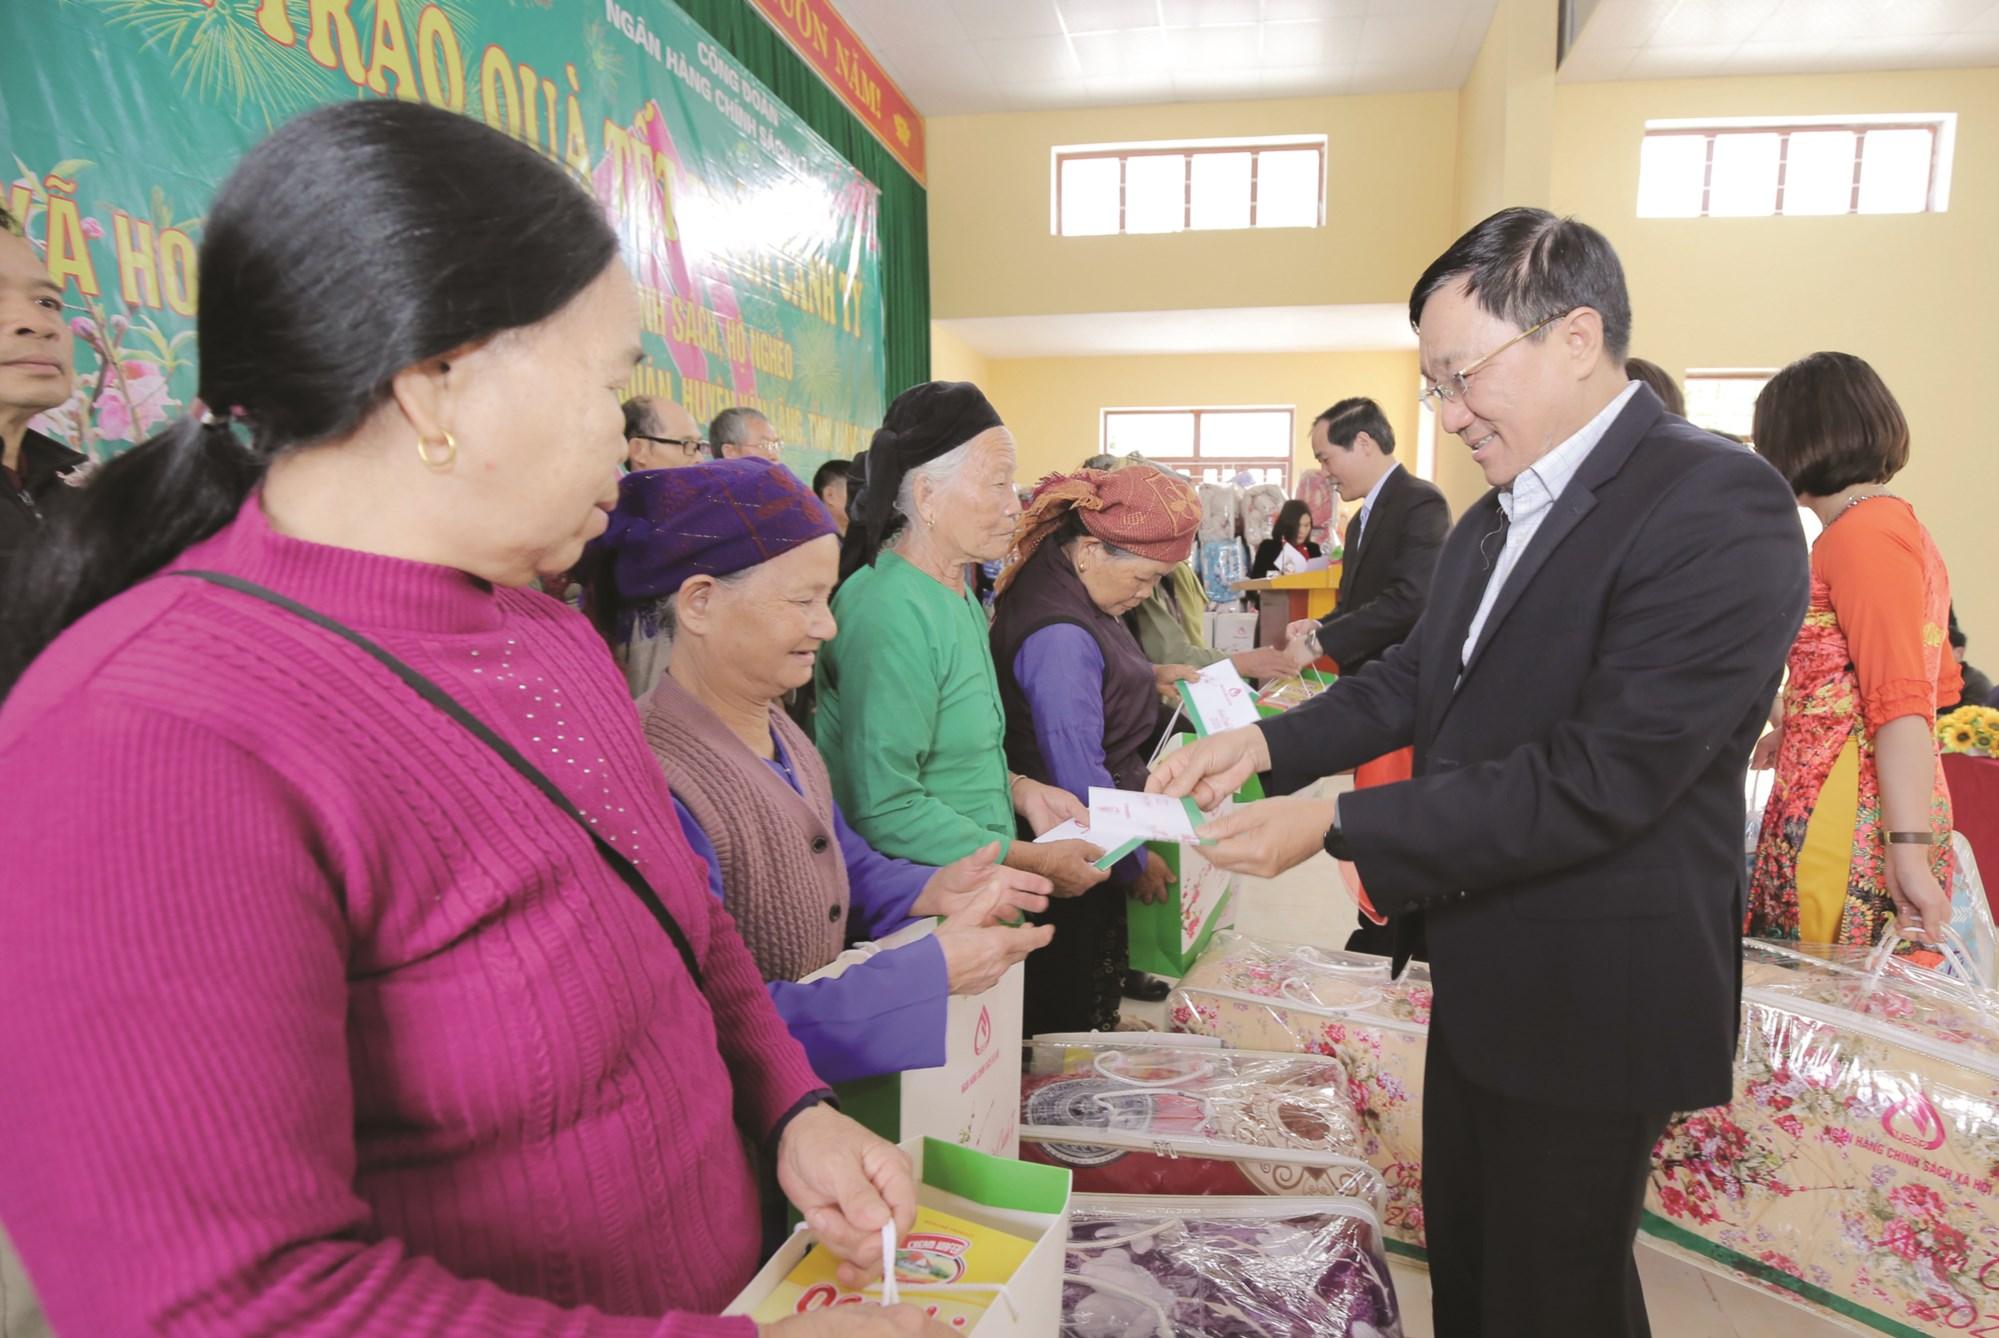 Tổng giám đốc NHCSXH Dương Quyết Thắng tặng quà cho bà con nhân dân xã Hoàng Việt, huyện Văn Lãng (Lạng Sơn).